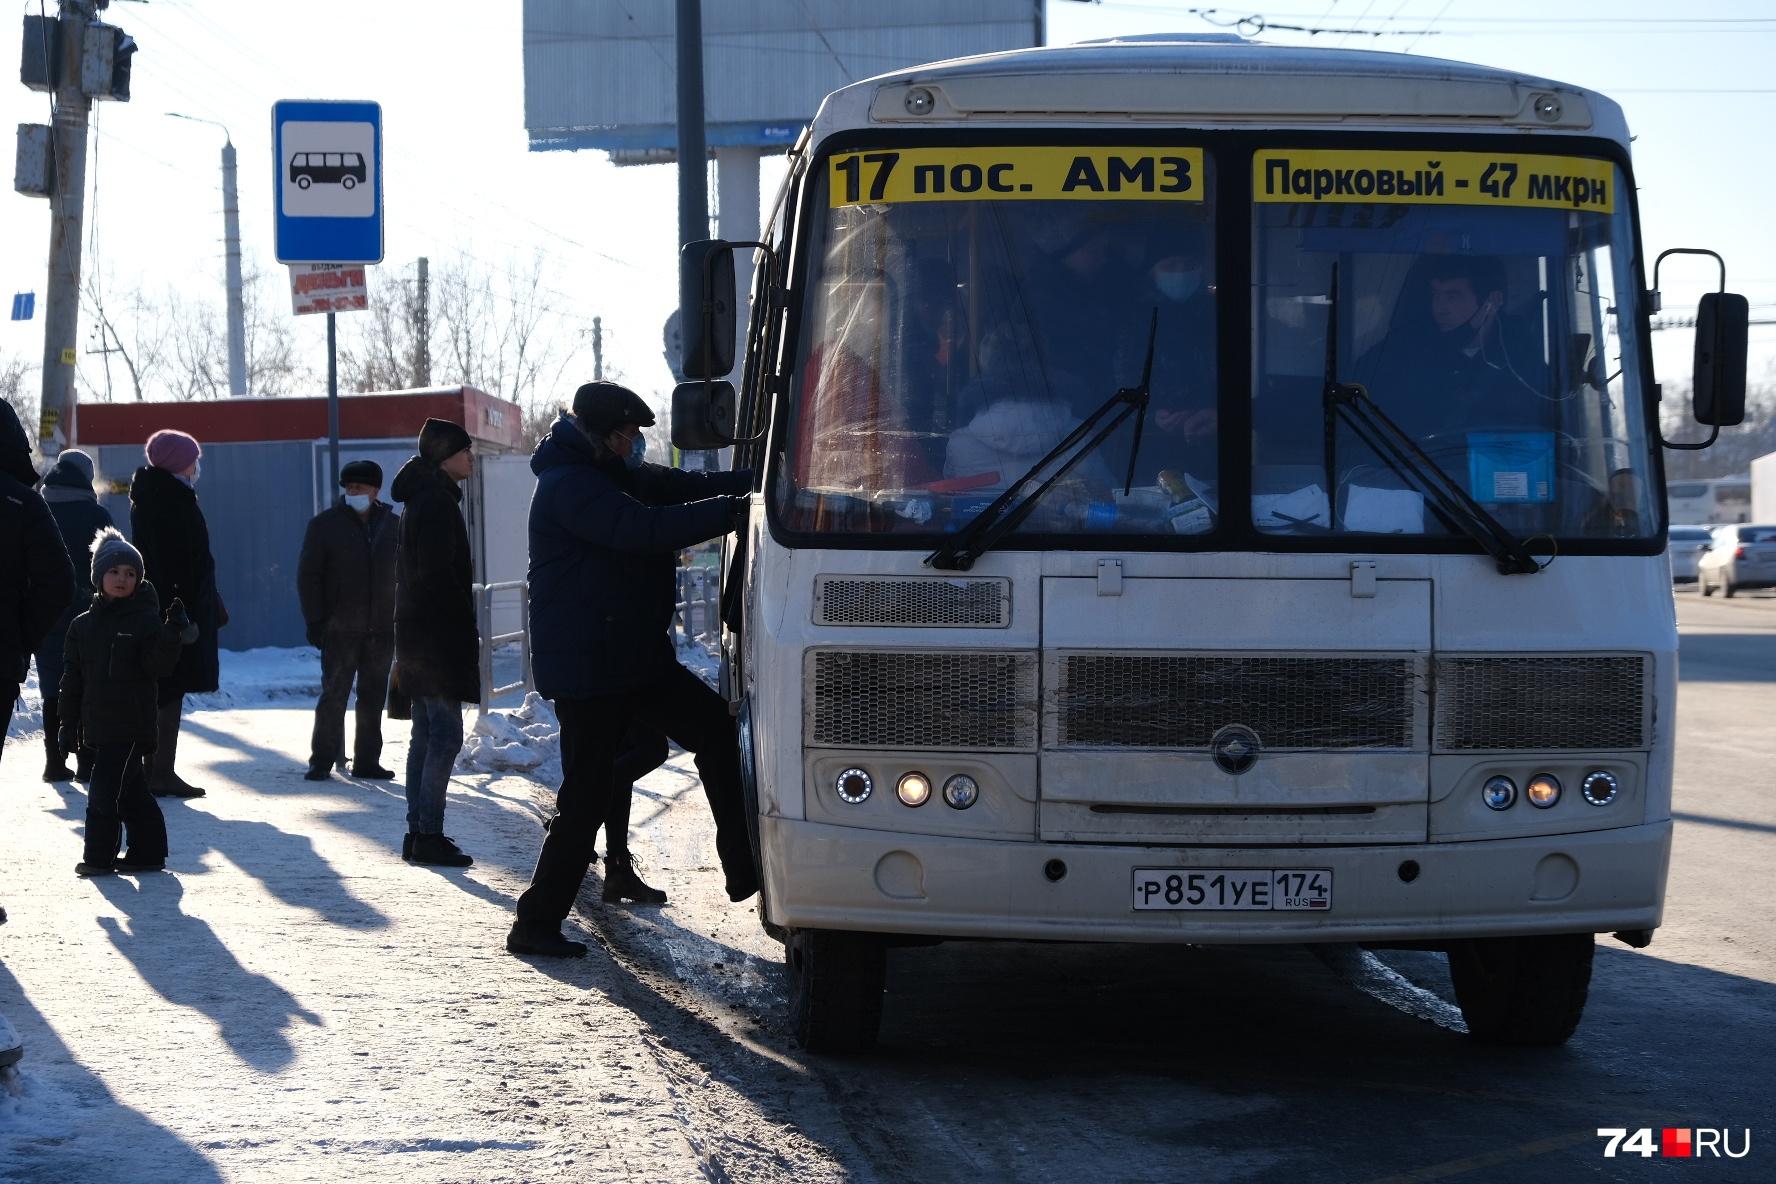 Особенно сложно забираться в таких условиях в высокие автобусы